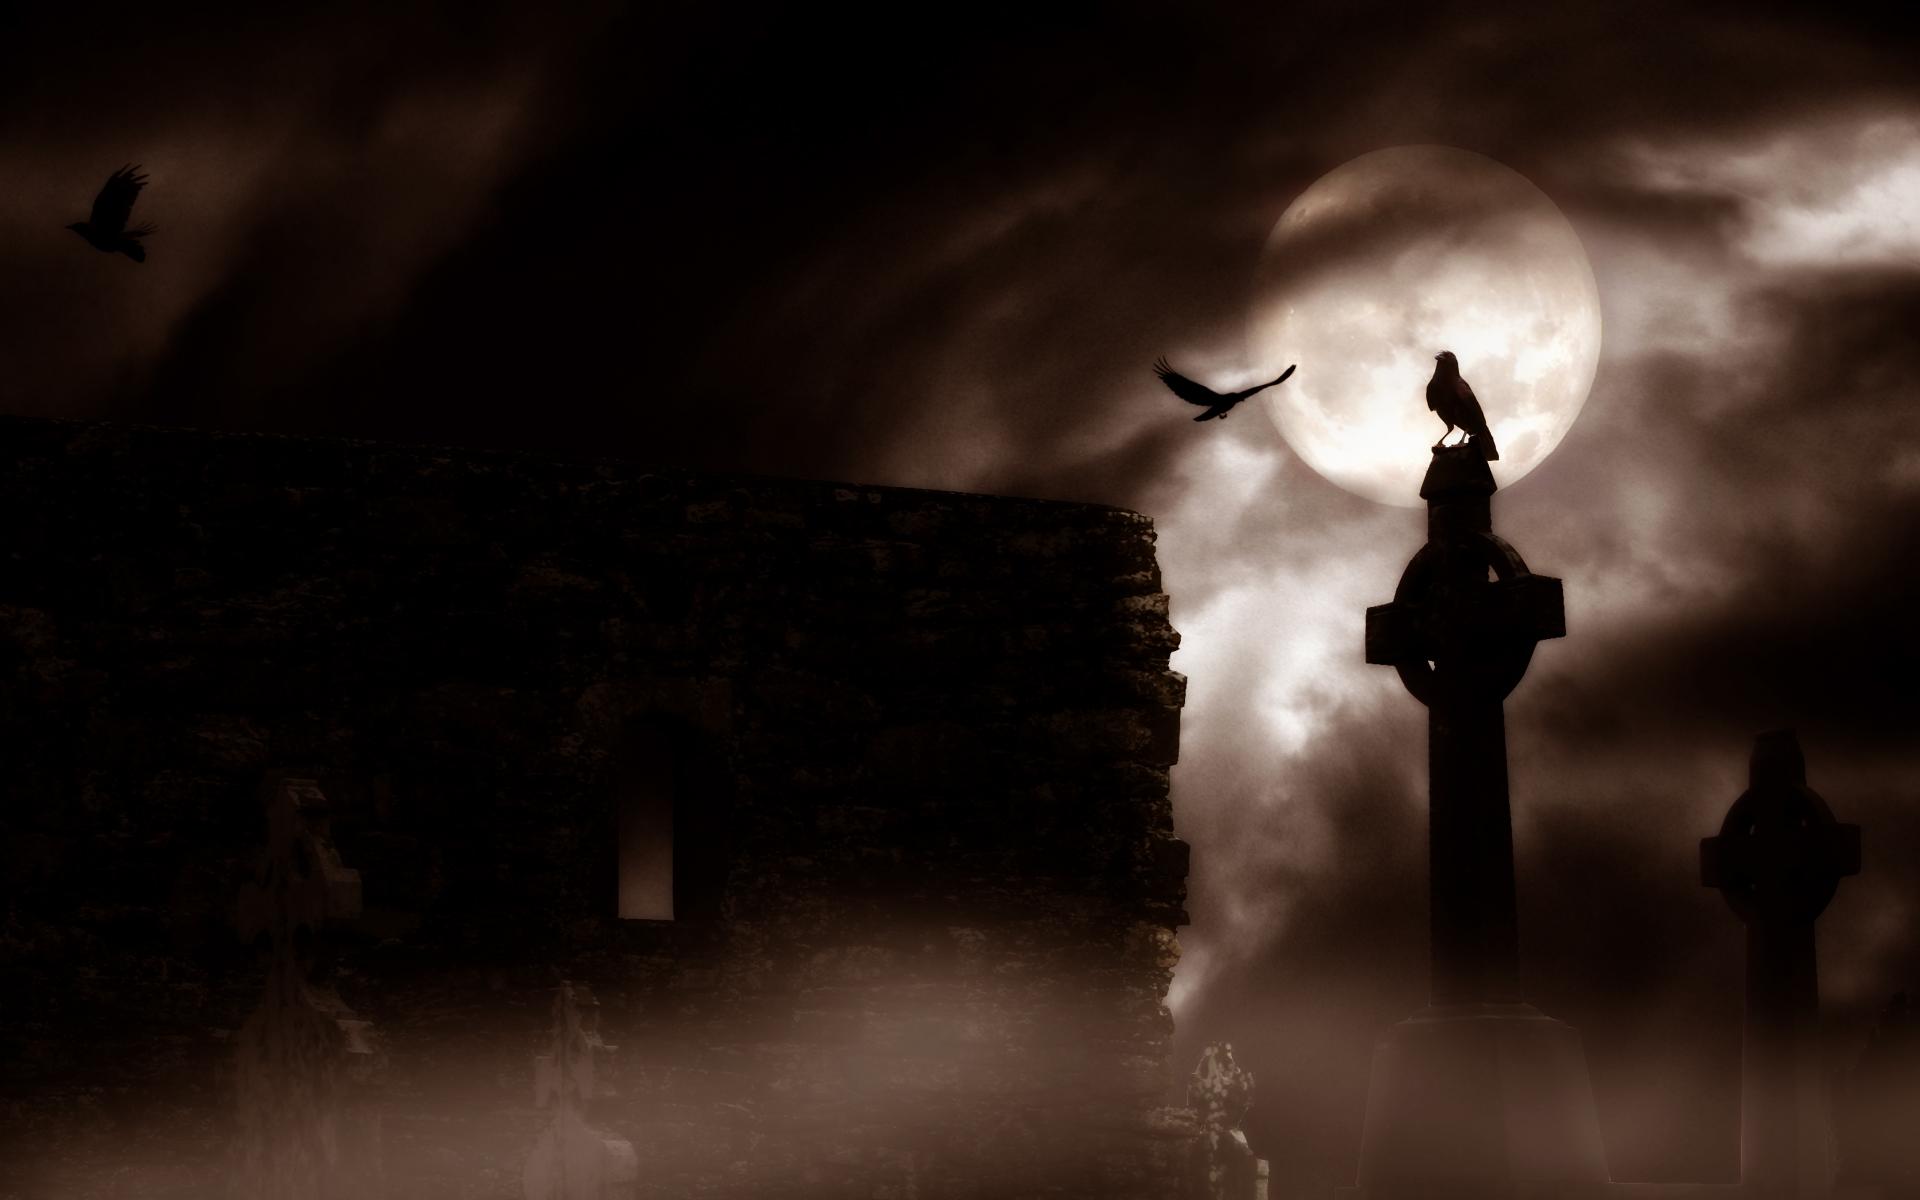 dark horror gothic raven cemetery graveyard halloween wallpaper 1920x1200